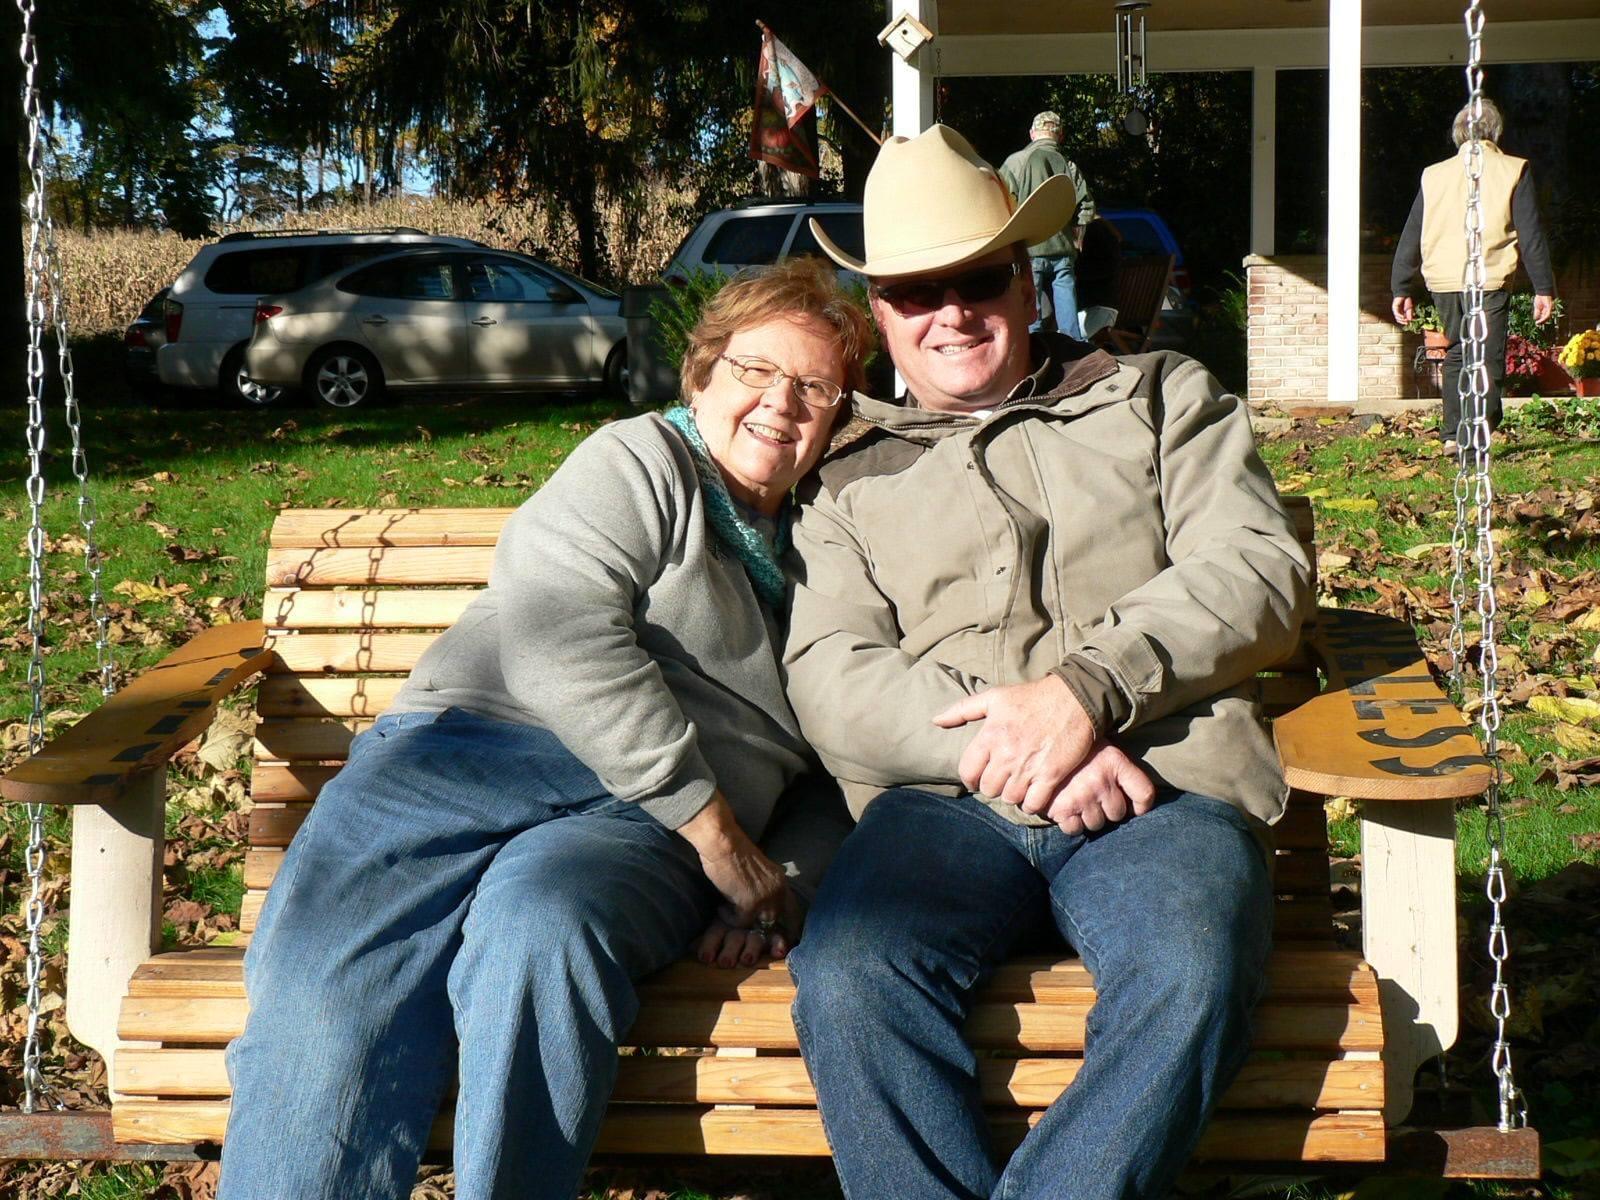 Scott and mom